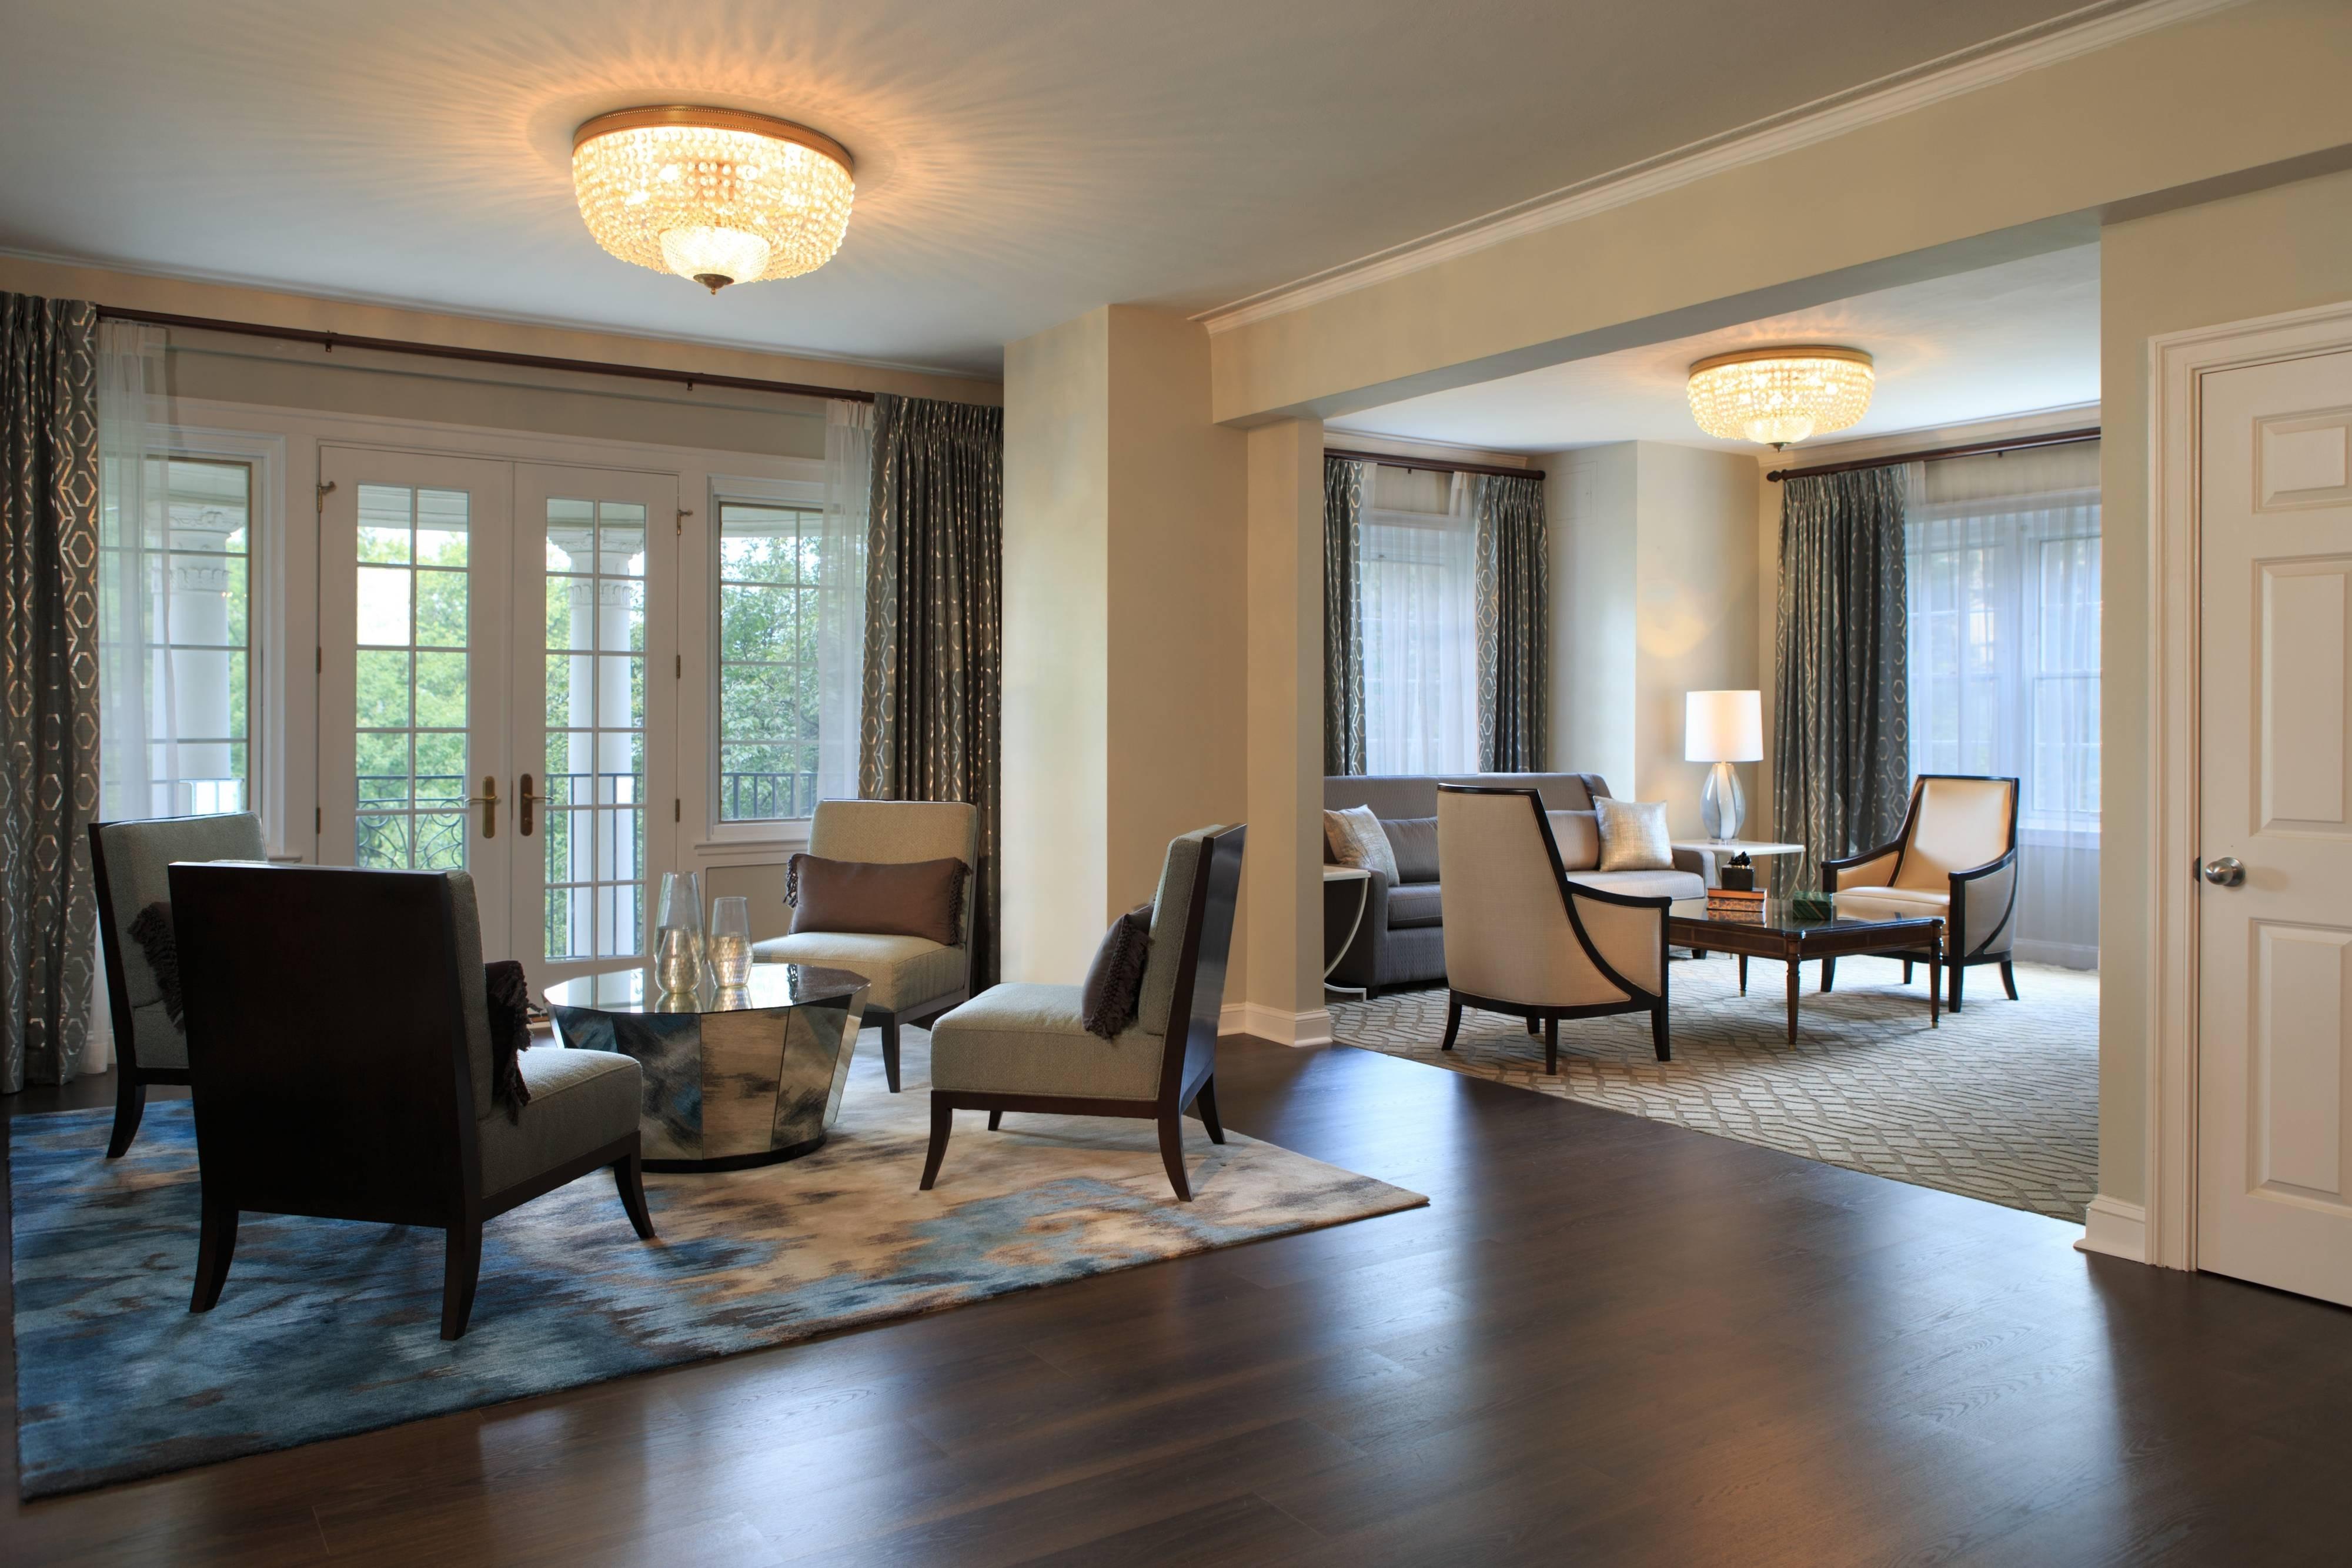 Präsidenten-Suite im Wardman Tower – Wohnbereich